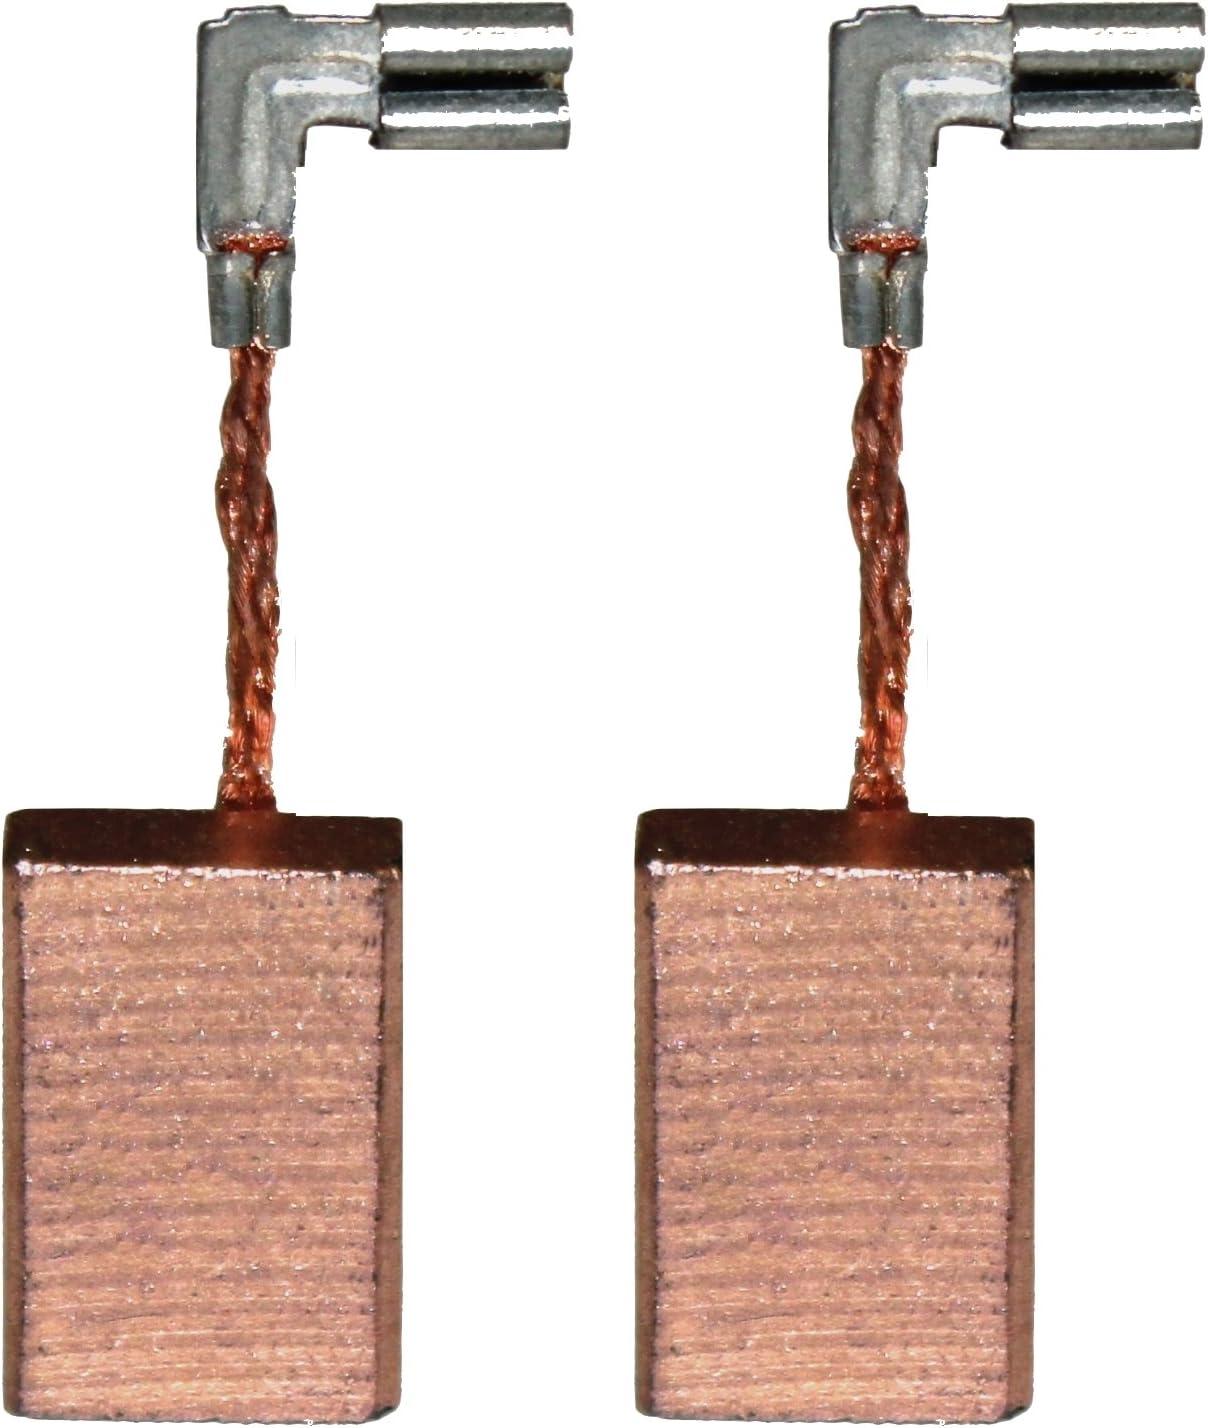 Bruhes carbone pour Makita CB-325 9555NB Meilleure qualit/é 9555 NB